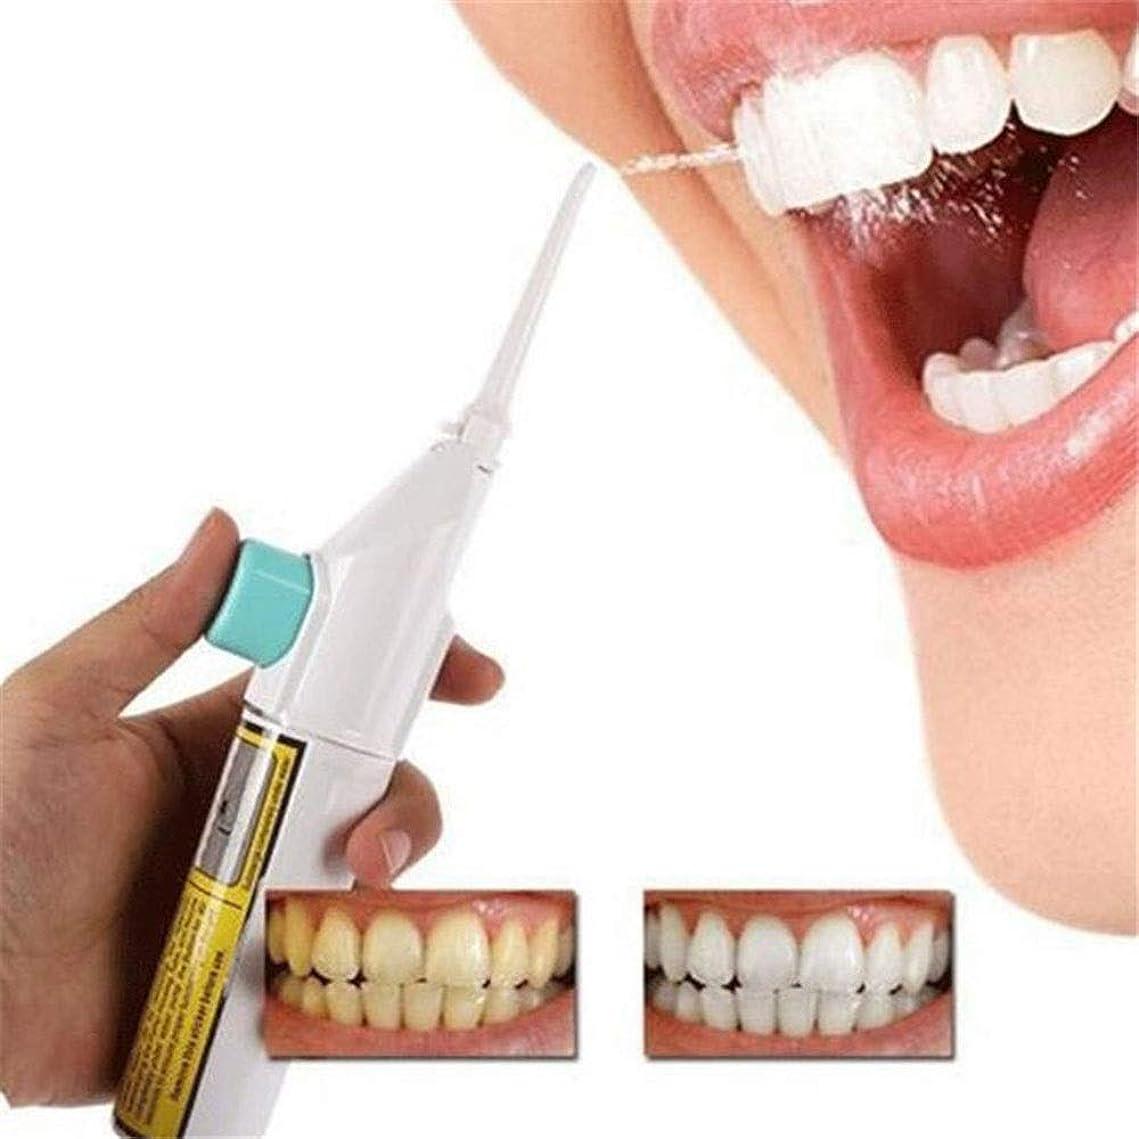 フランクワースリー法的役に立たない電動歯ブラシ、オーラルクリーナー、クリーナーブレース、ポータブルフロス、歯のクリーニング、歯科補綴物、歯科補綴物